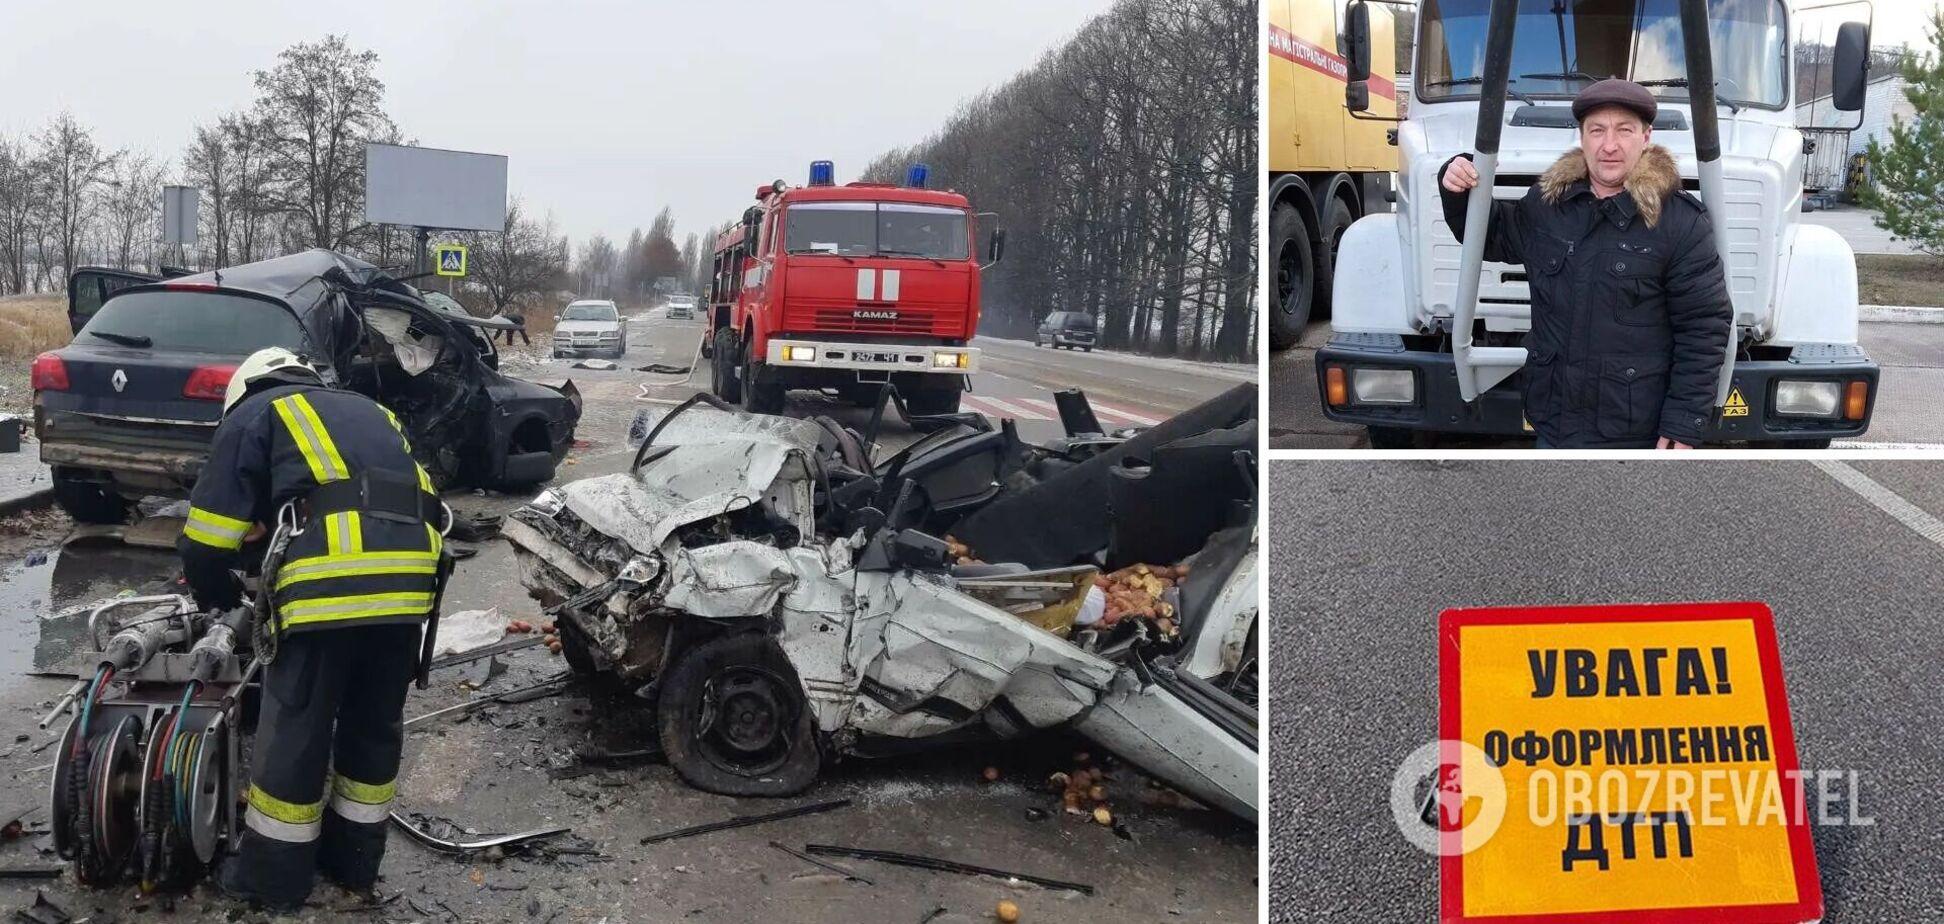 'Везли бабусі продукти': на Київщині в ДТП розбилися батько з сином. Подробиці трагедії